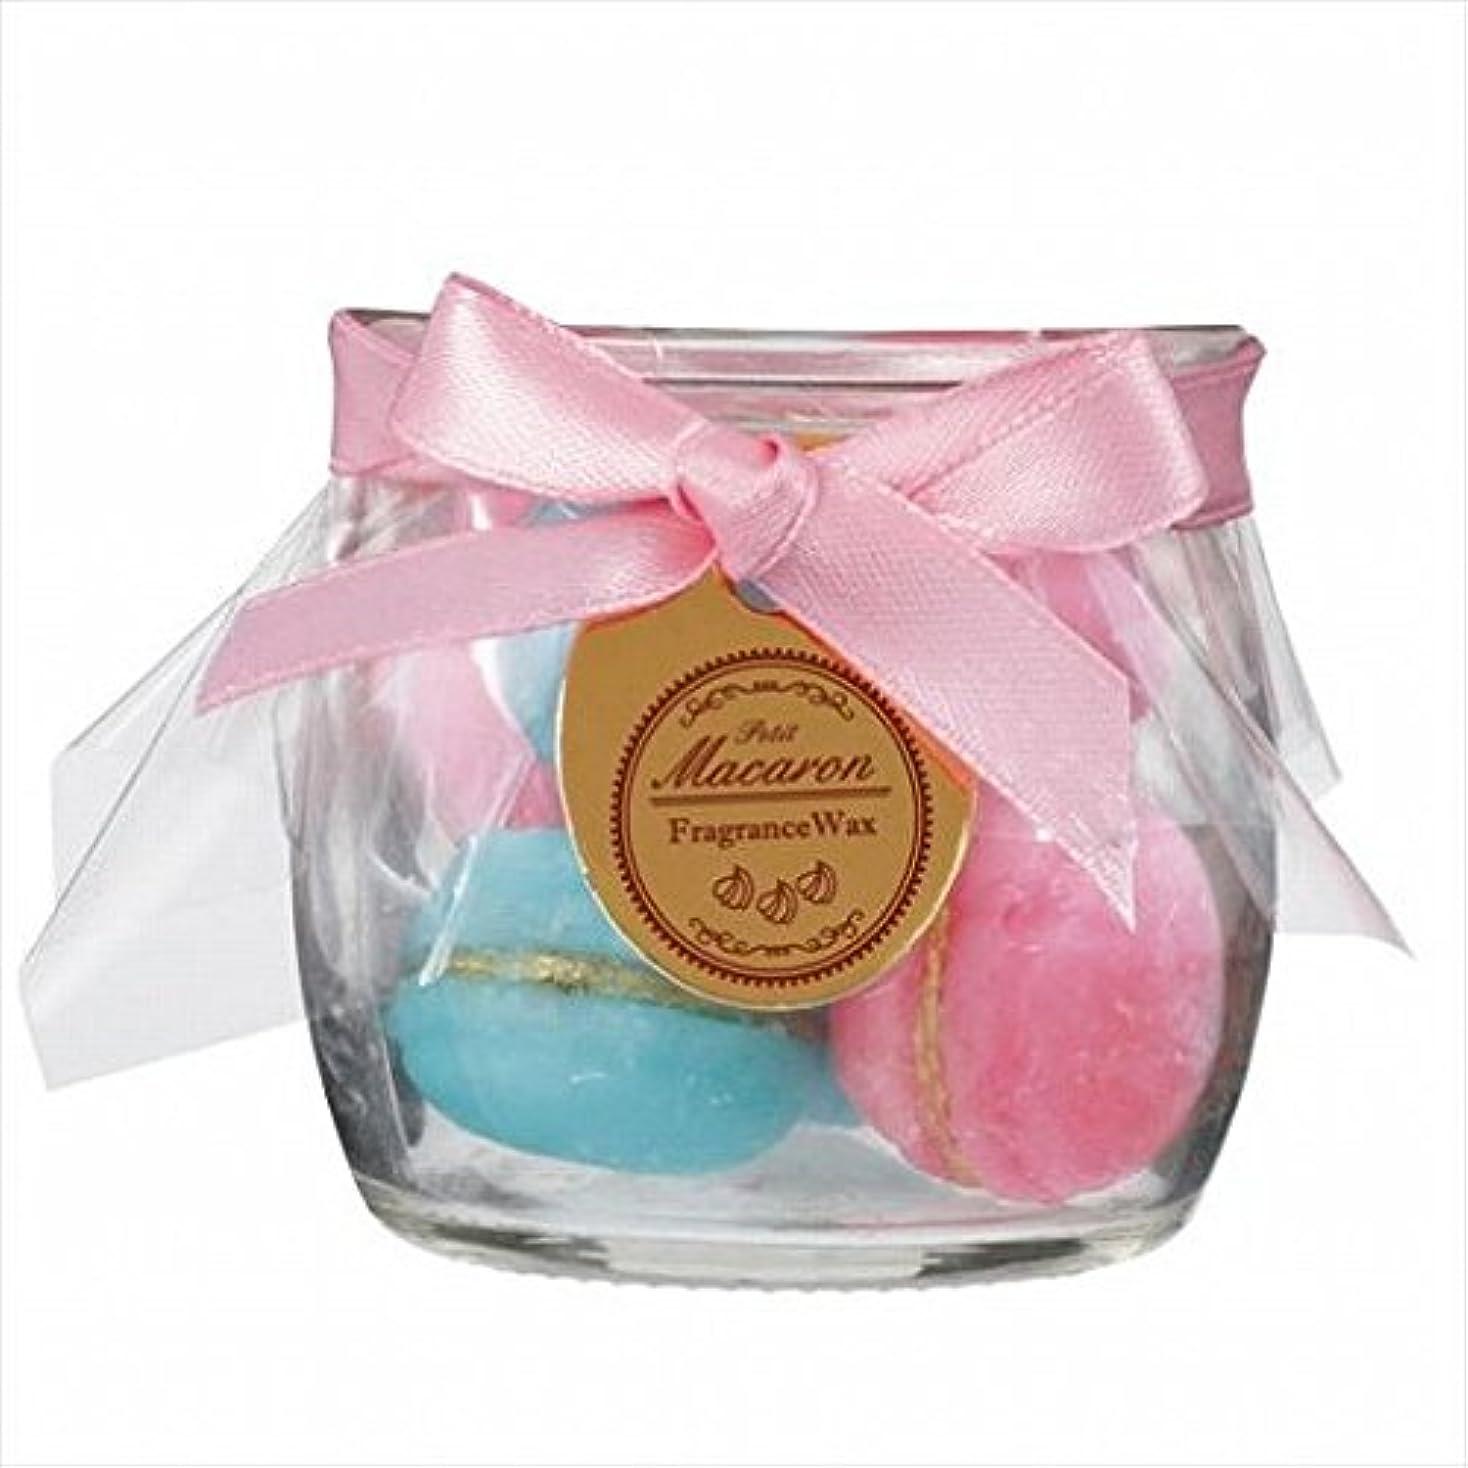 リーズ債務株式会社sweets candle(スイーツキャンドル) プチマカロンフレグランス 「 ピーチ 」 キャンドル 60x60x56mm (A3160540)